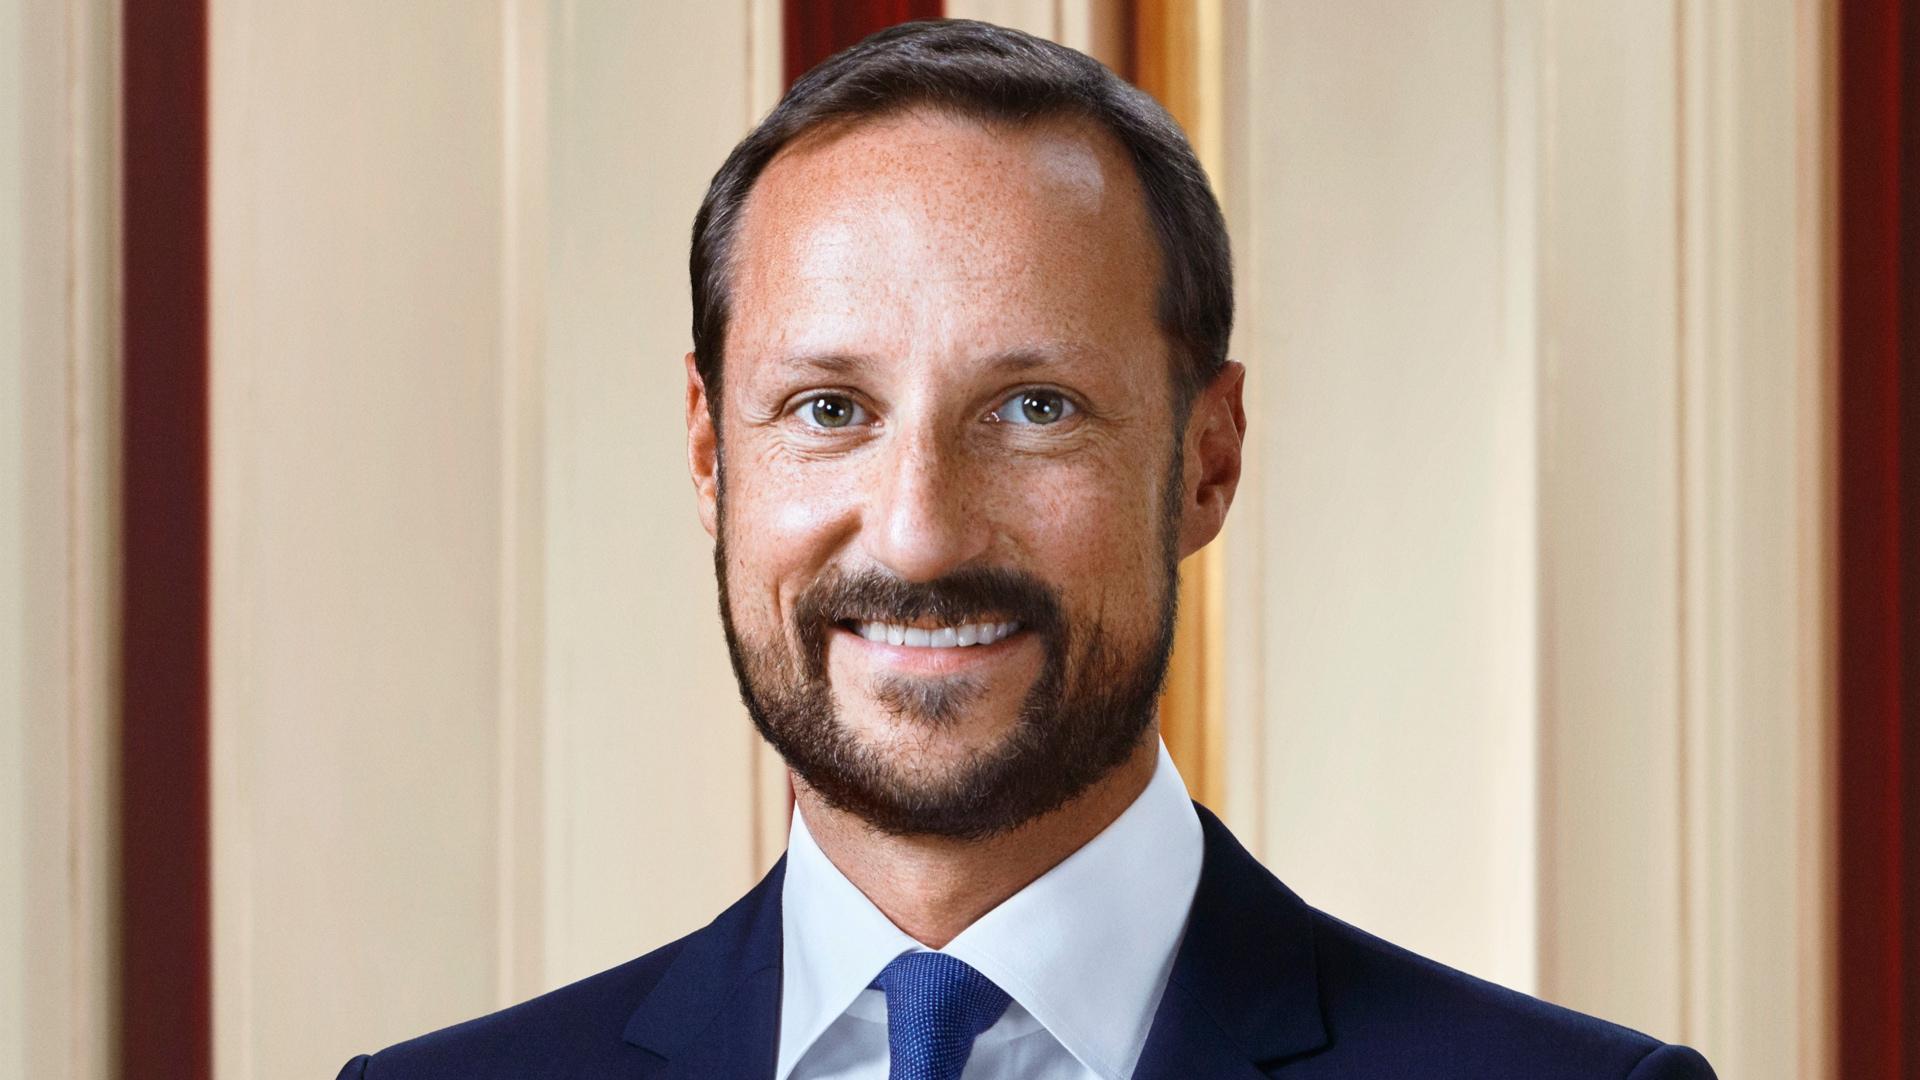 Hans Kongelige Høyhet Kronprins Haakon. Foto: Jørgen Gomnæs / Det kongelige hoff